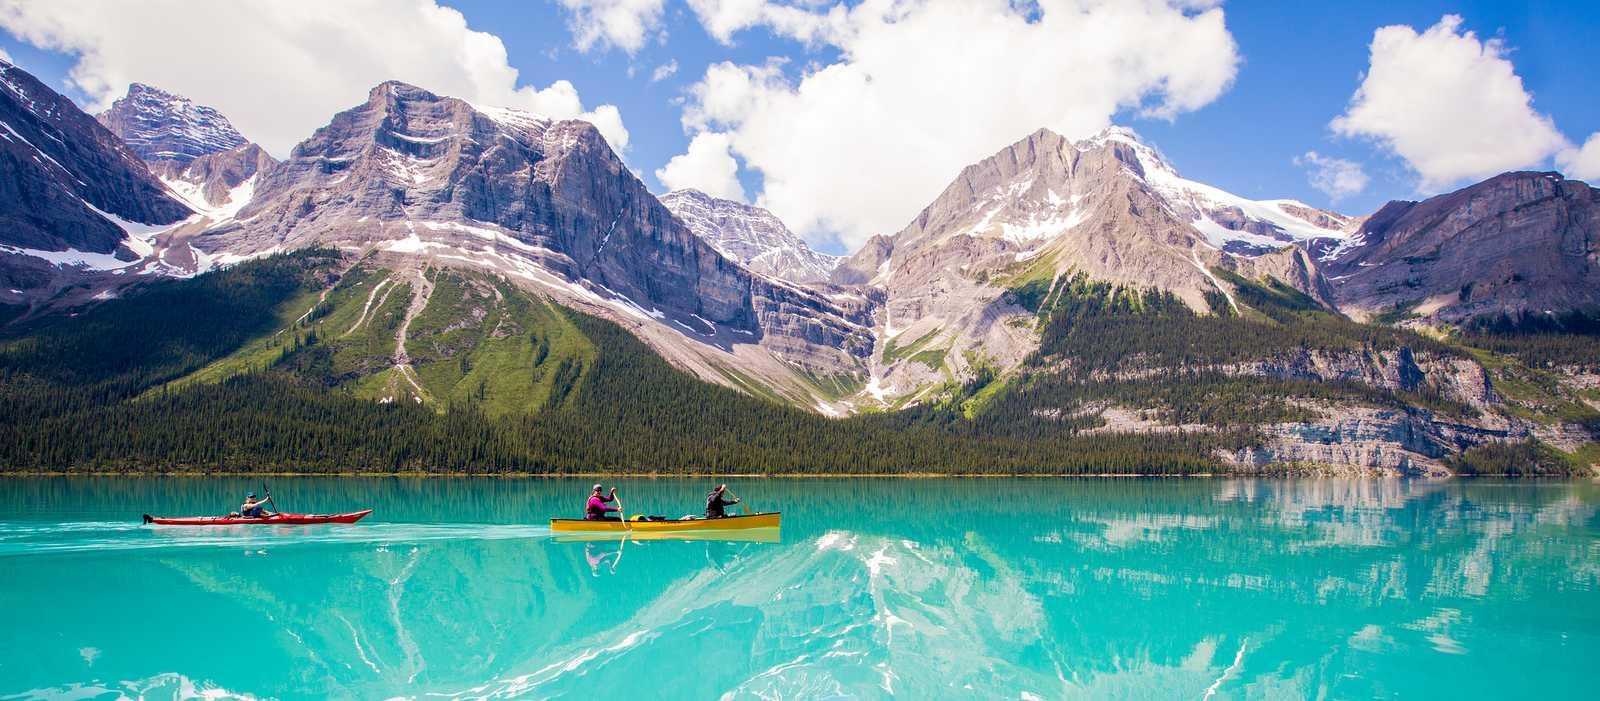 Kanu fahren auf dem traumhaft klaren Maligne Lake in Alberta